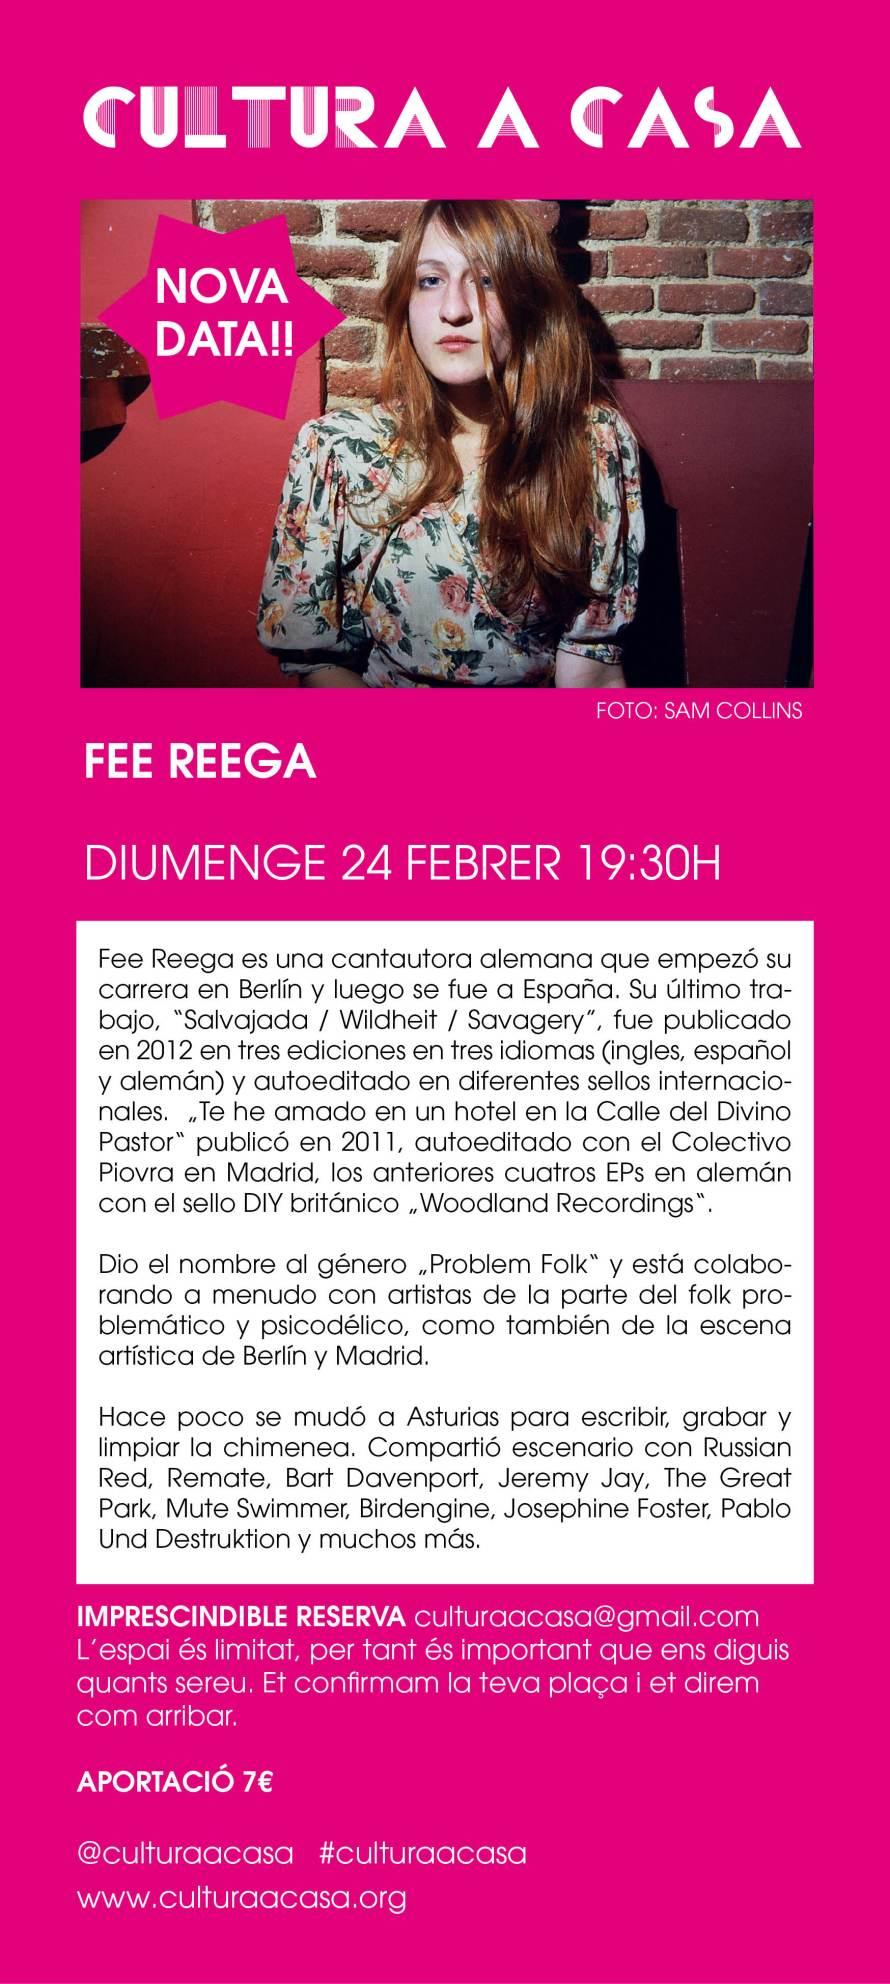 feereega_diumenge